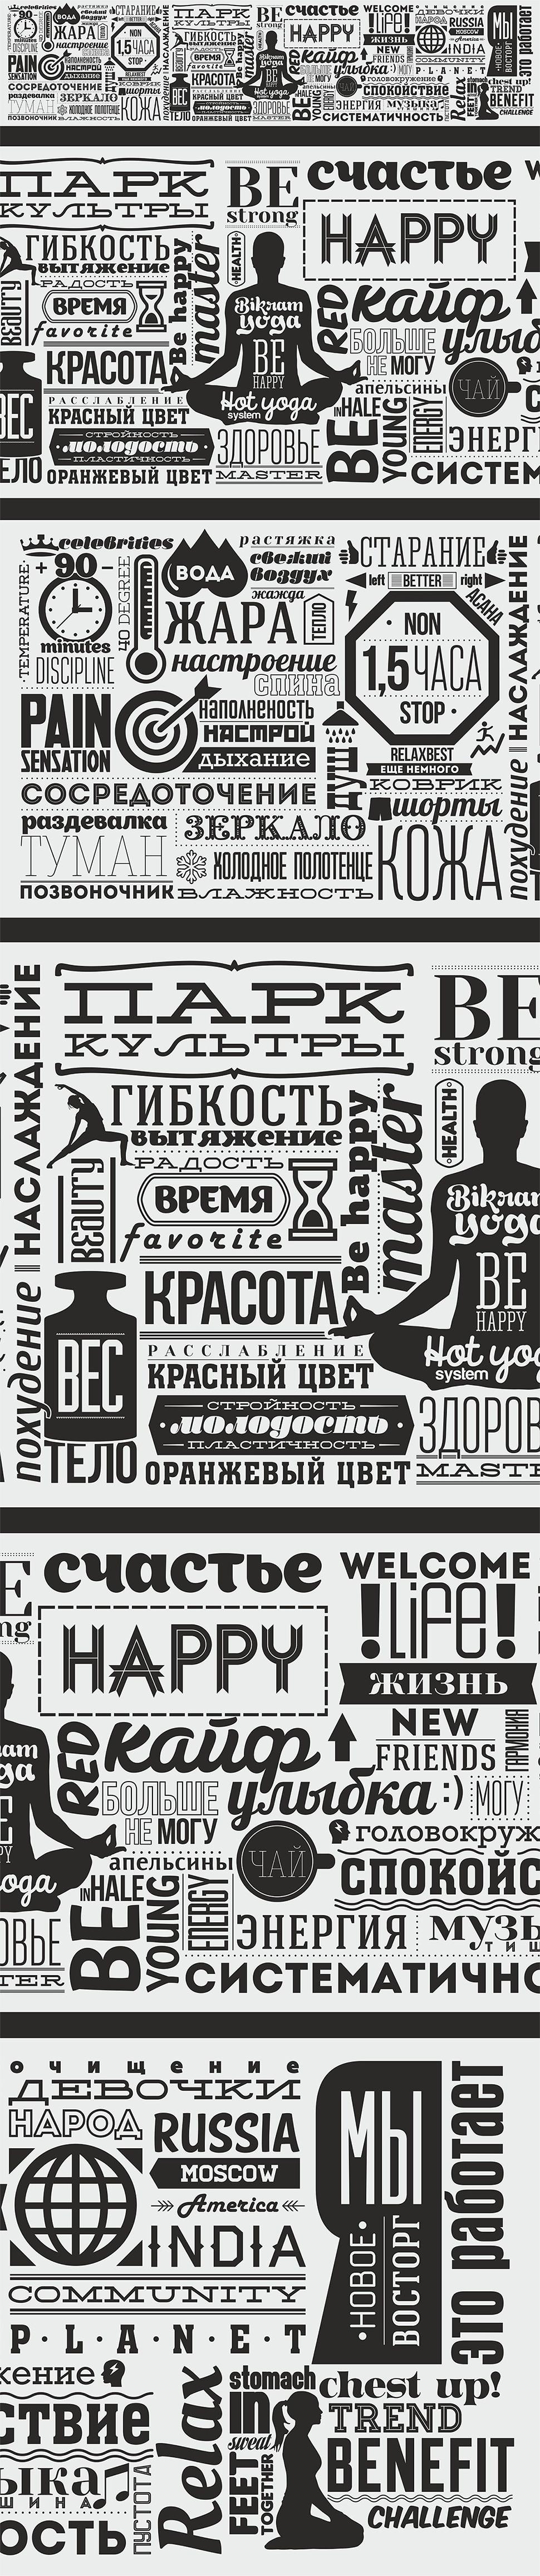 Бикрам йога-типографическое оформление студии йоги